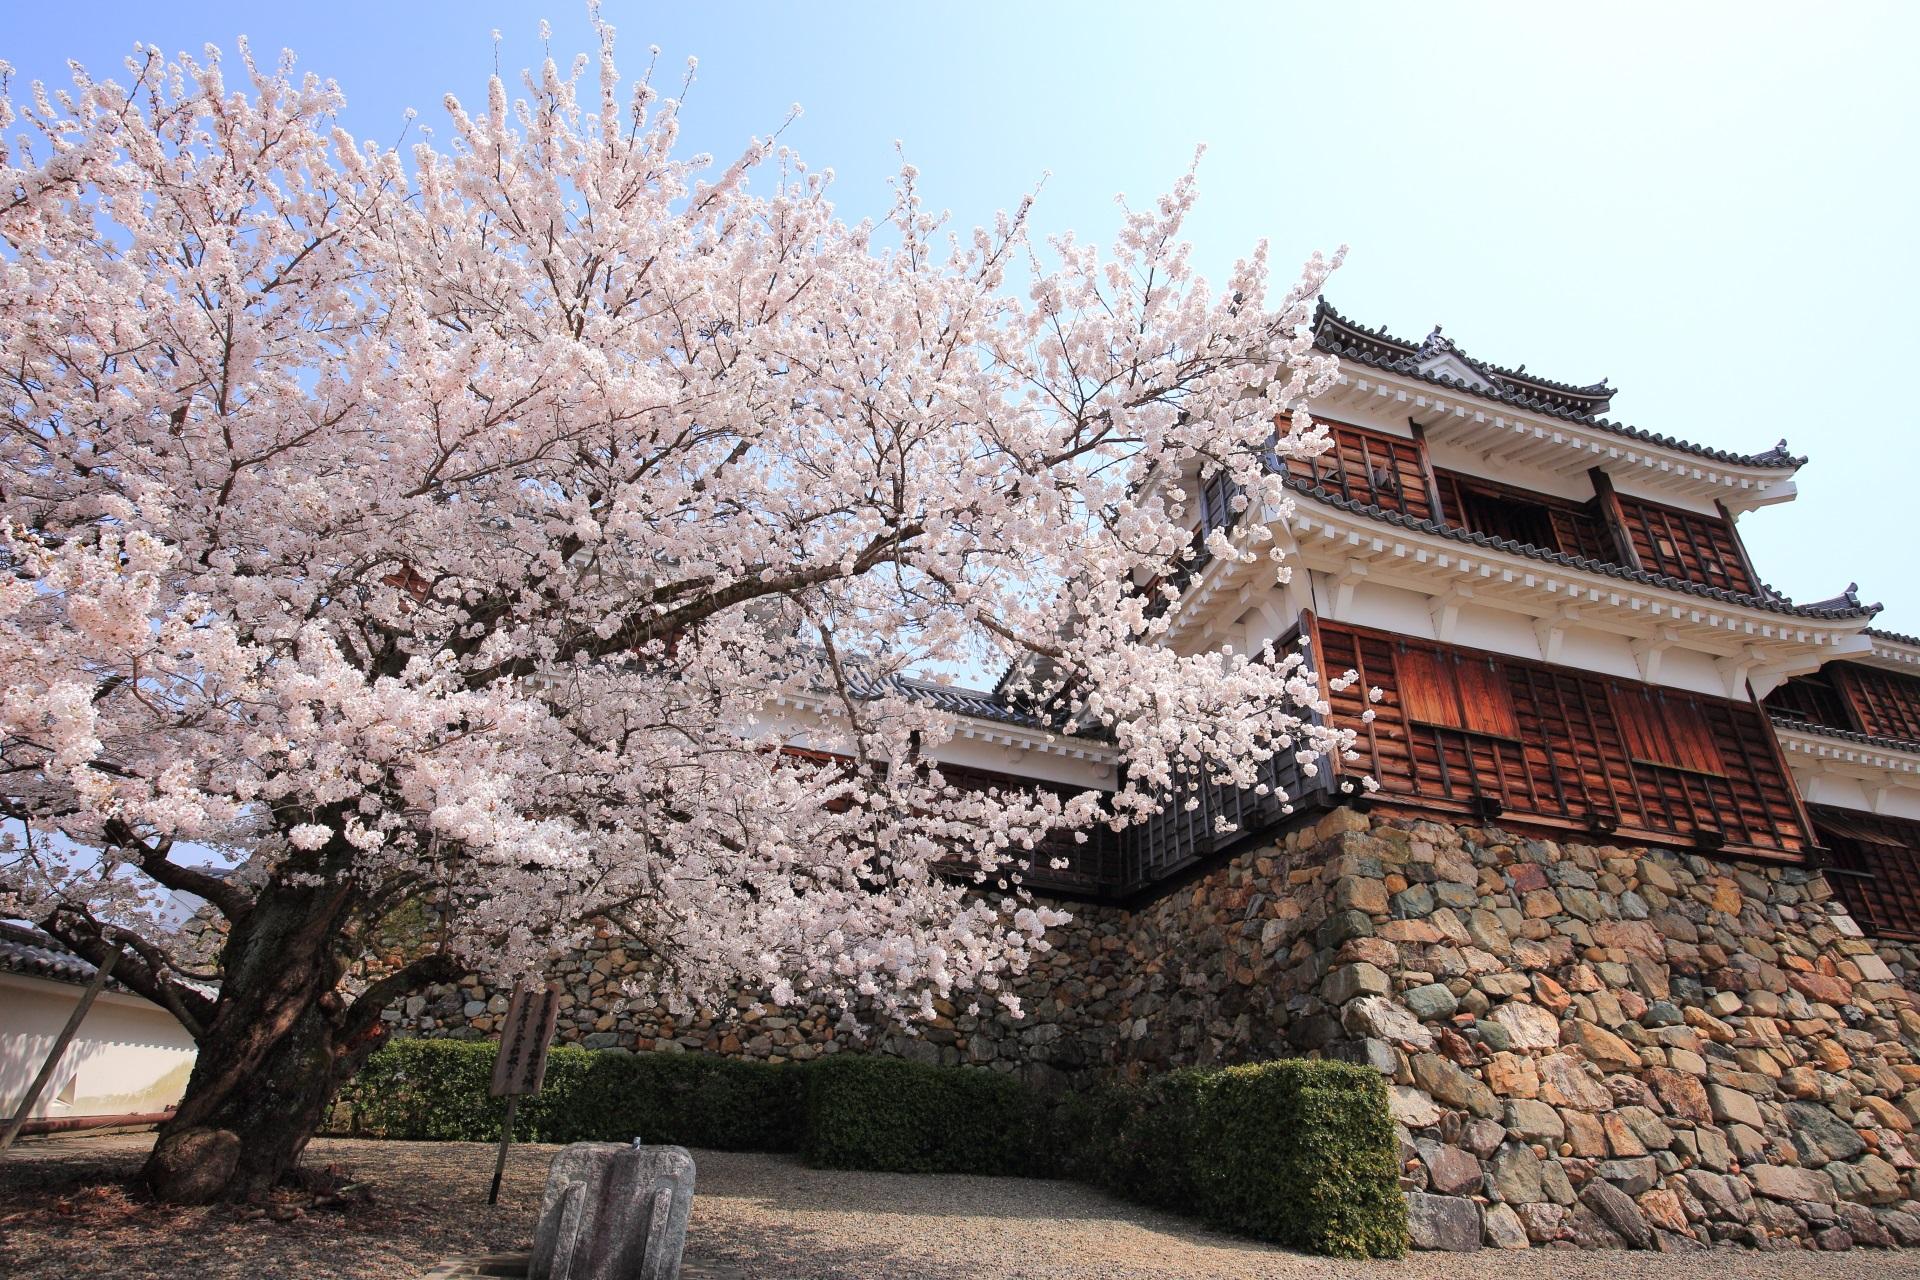 福知山城の天守閣の桜